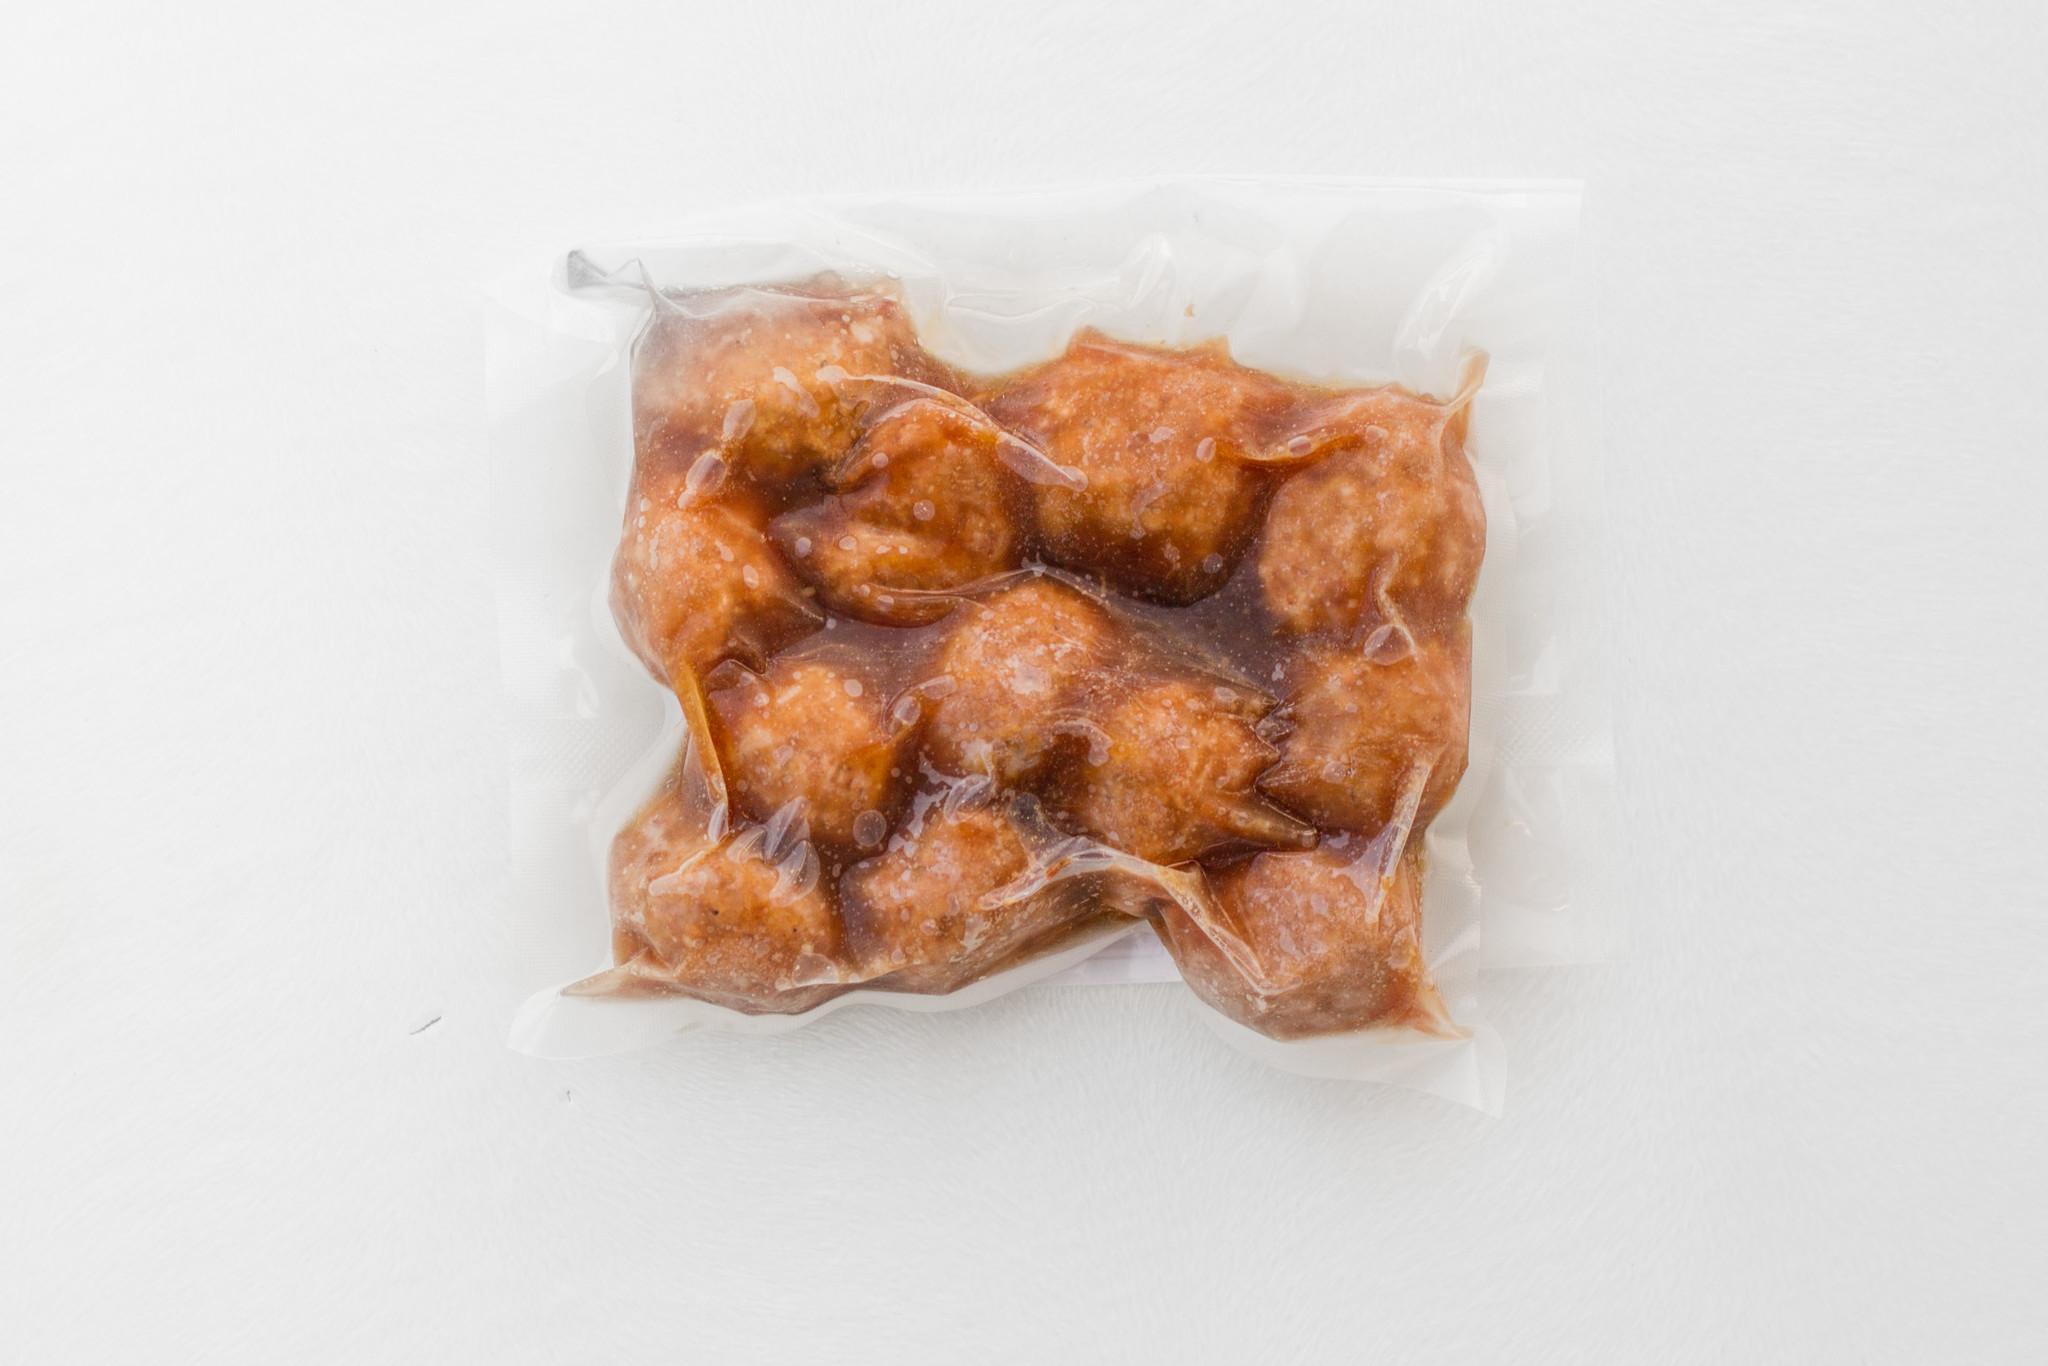 Mini meatballs & teriyaki sauce